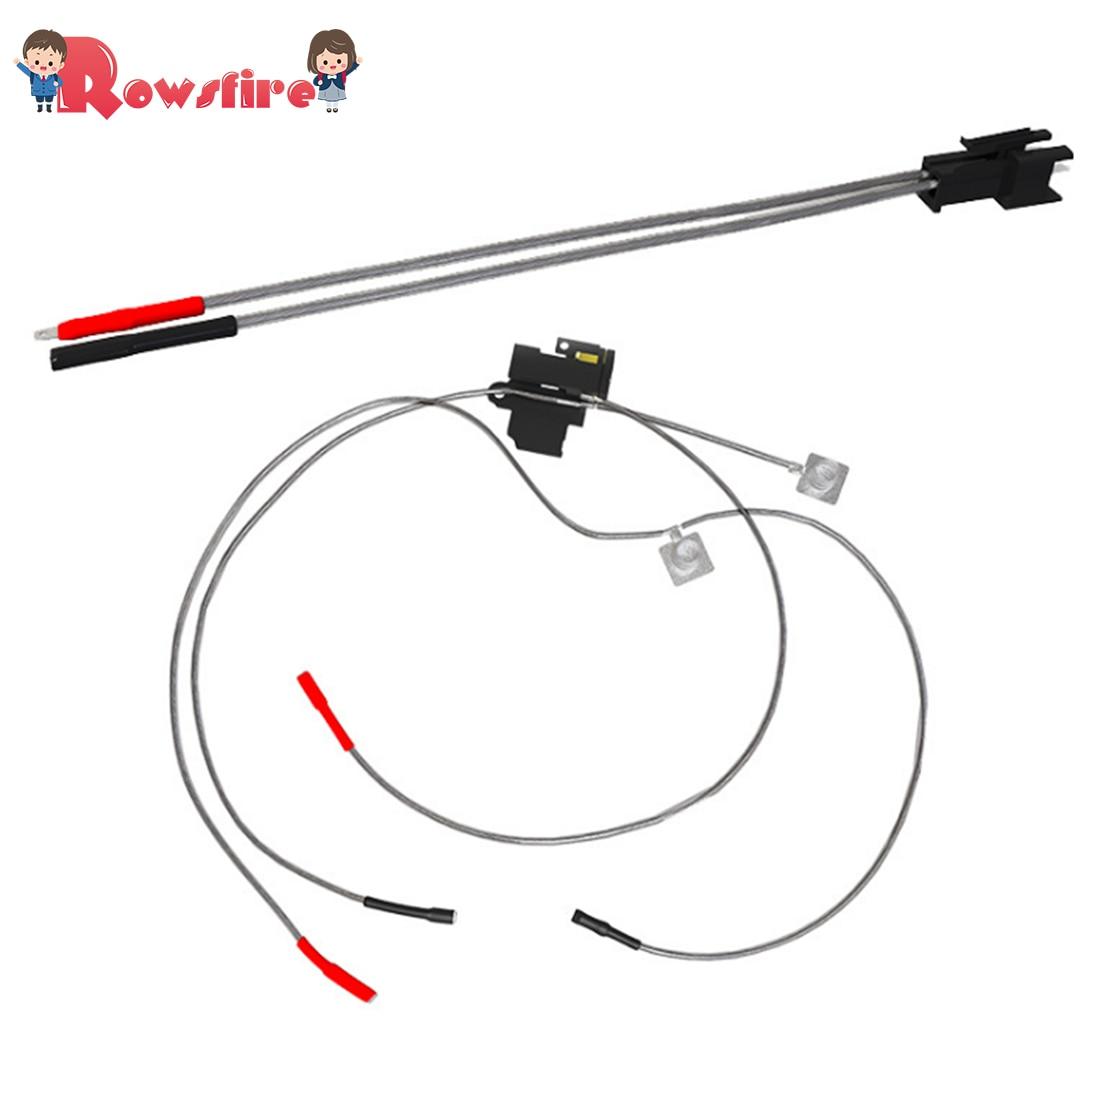 Juego de cables chapados en plata Rowsfire 1 Uds con cabeza SM para JM Gen.10-ACR, chorro de perlas de Gel de agua